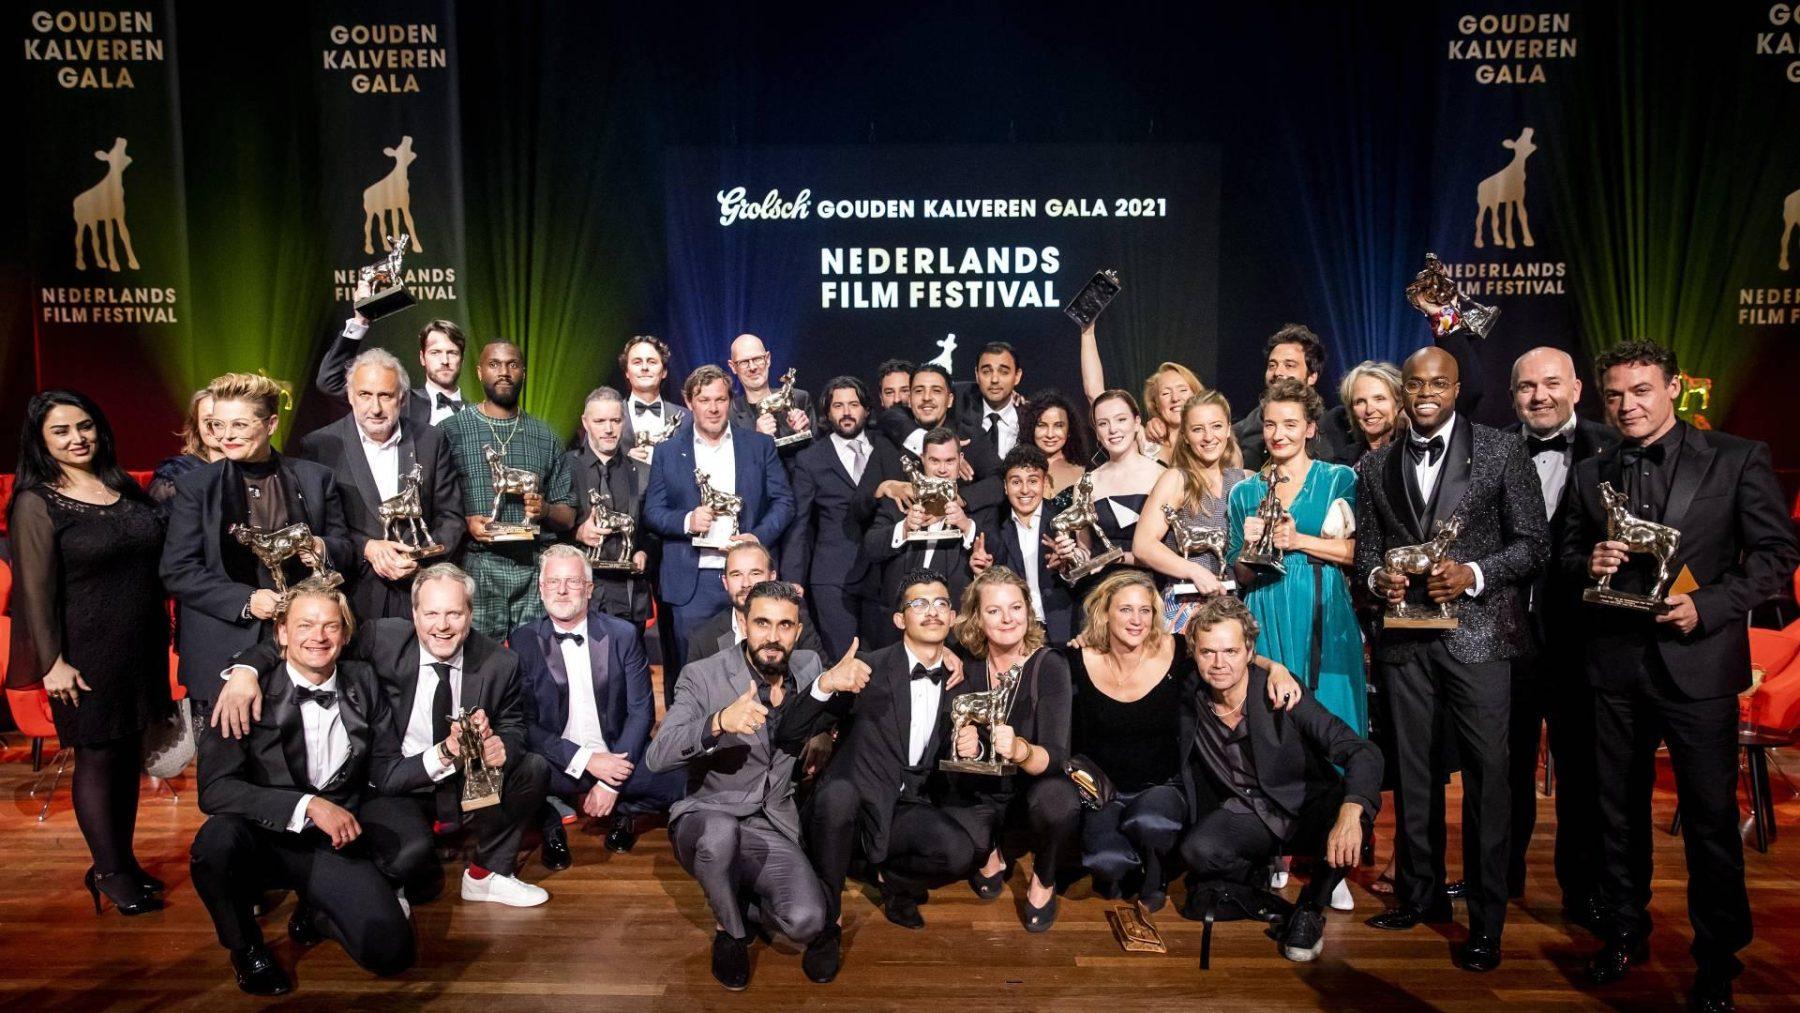 Organisatie Gouden Kalveren herkent zich niet in verontwaardiging over gebrek aan vrouwelijke winnaars